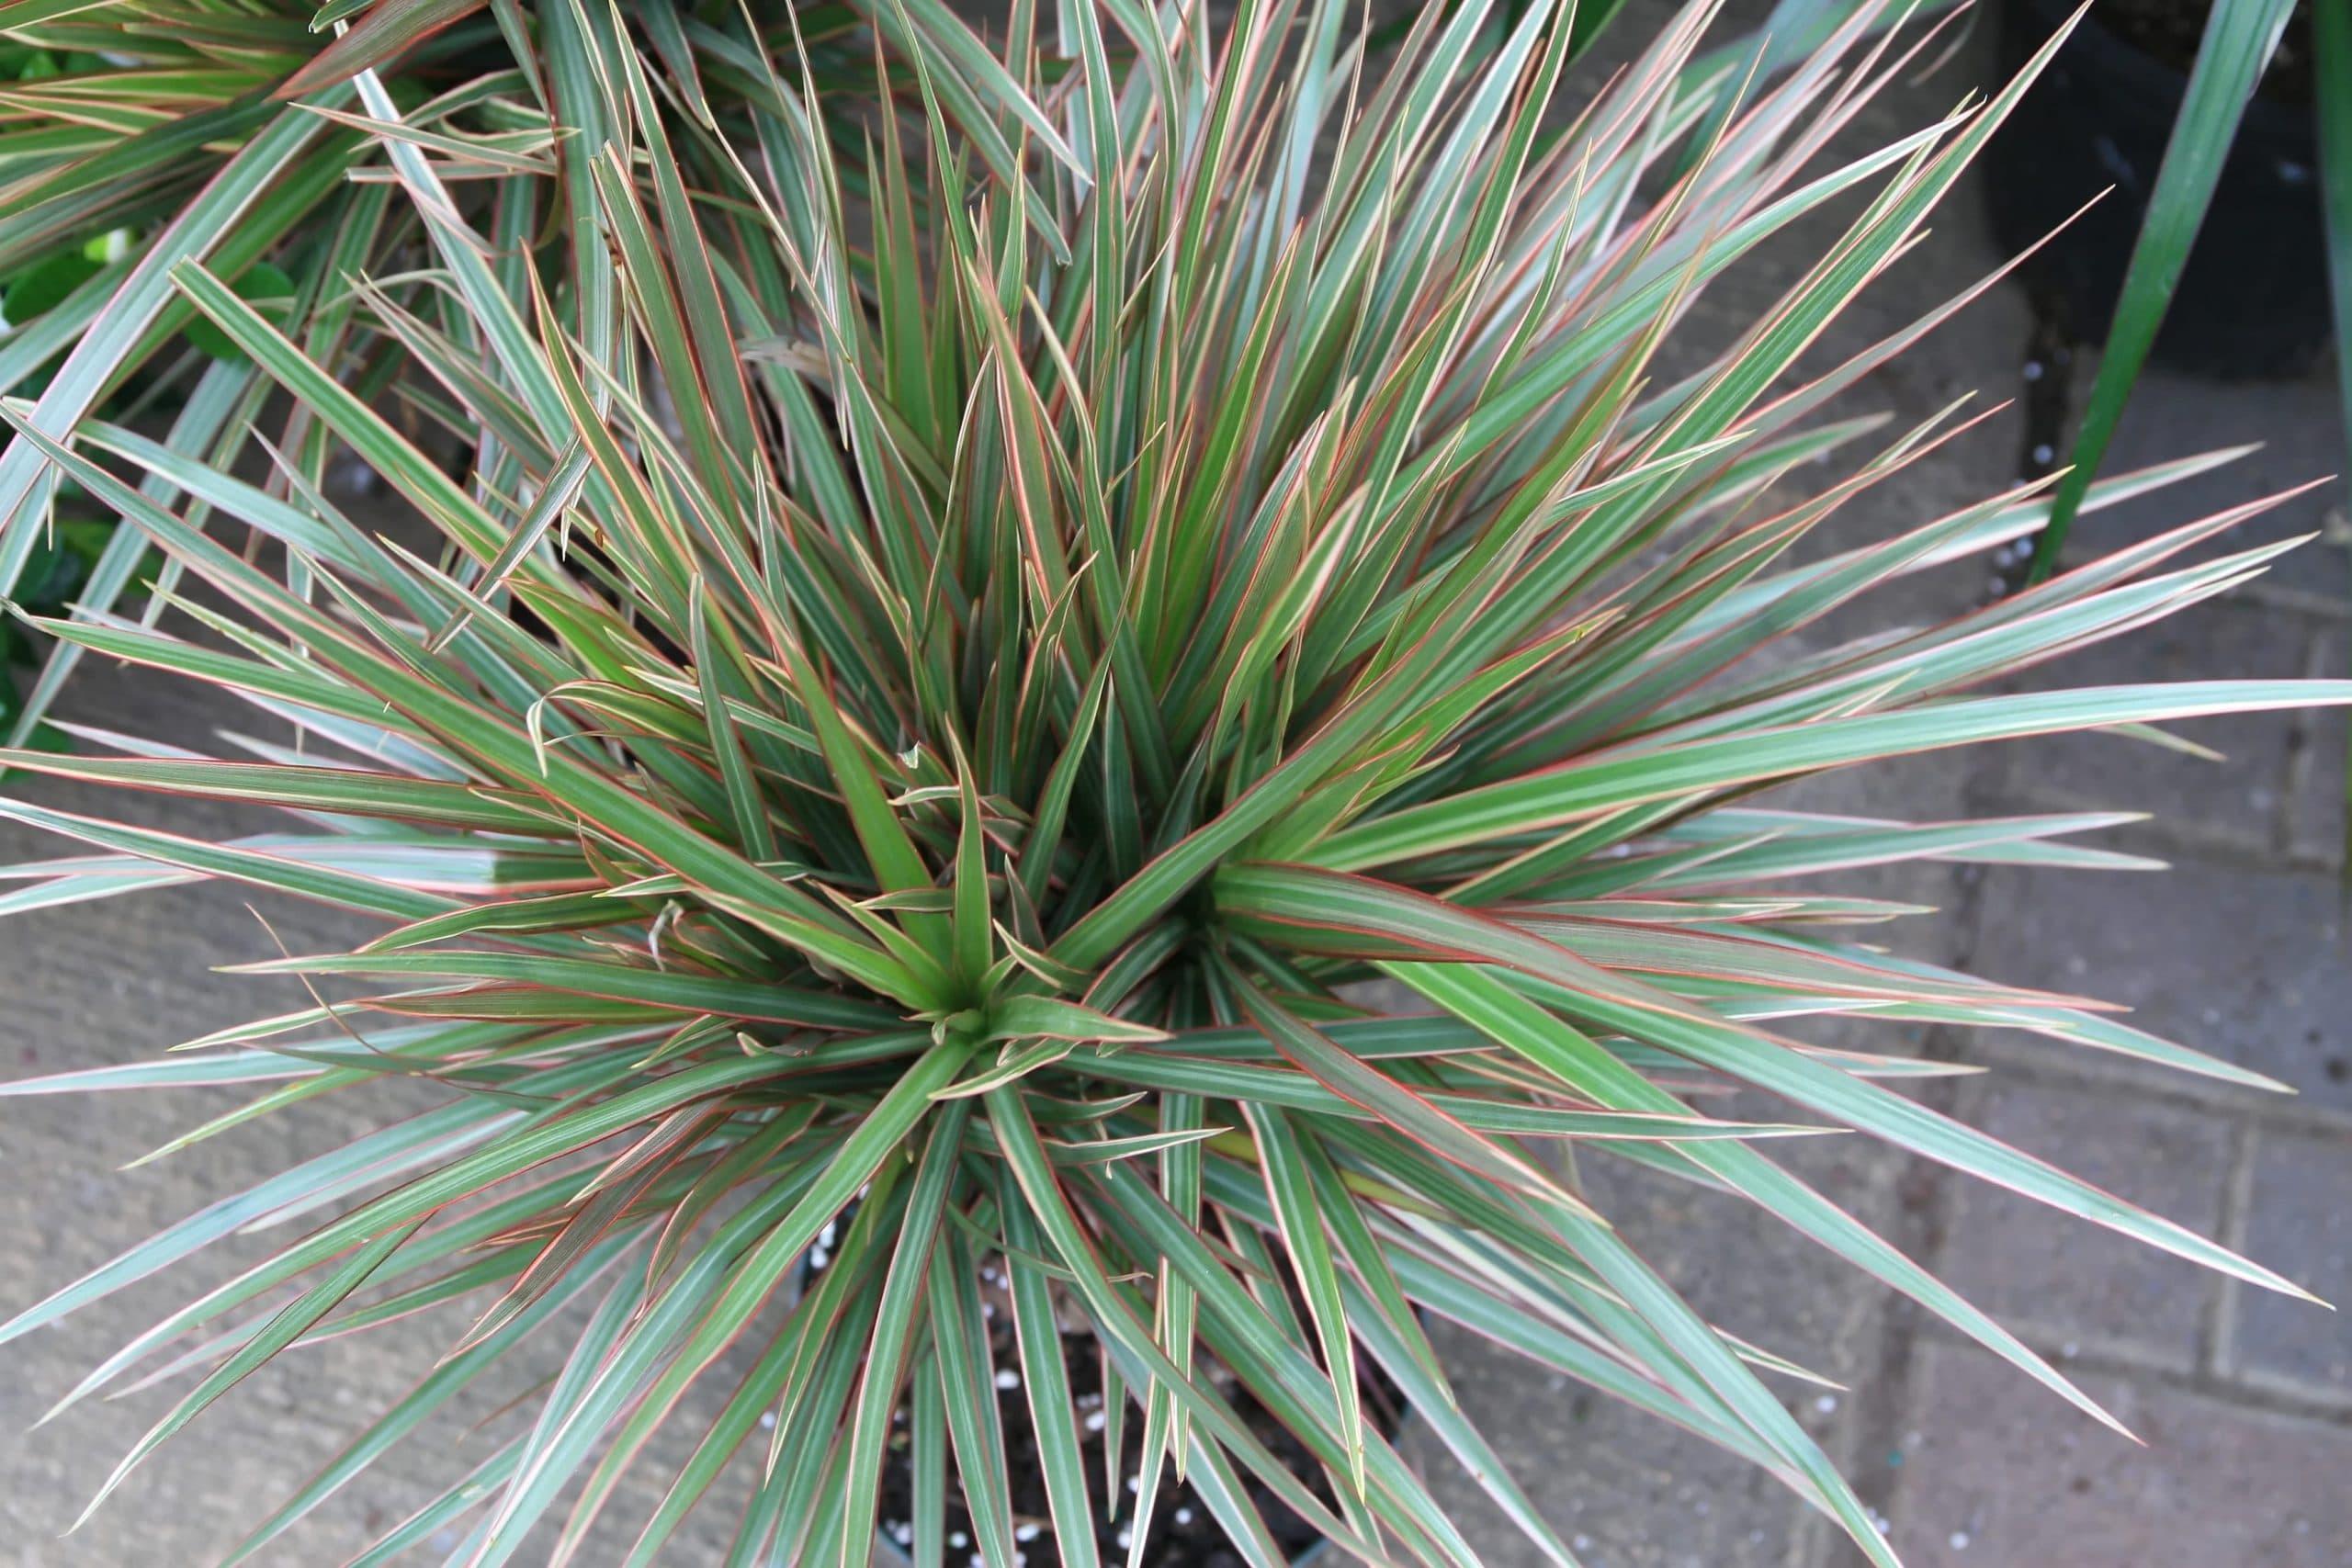 Las hojas de la Dracaena marginata son de dos colores